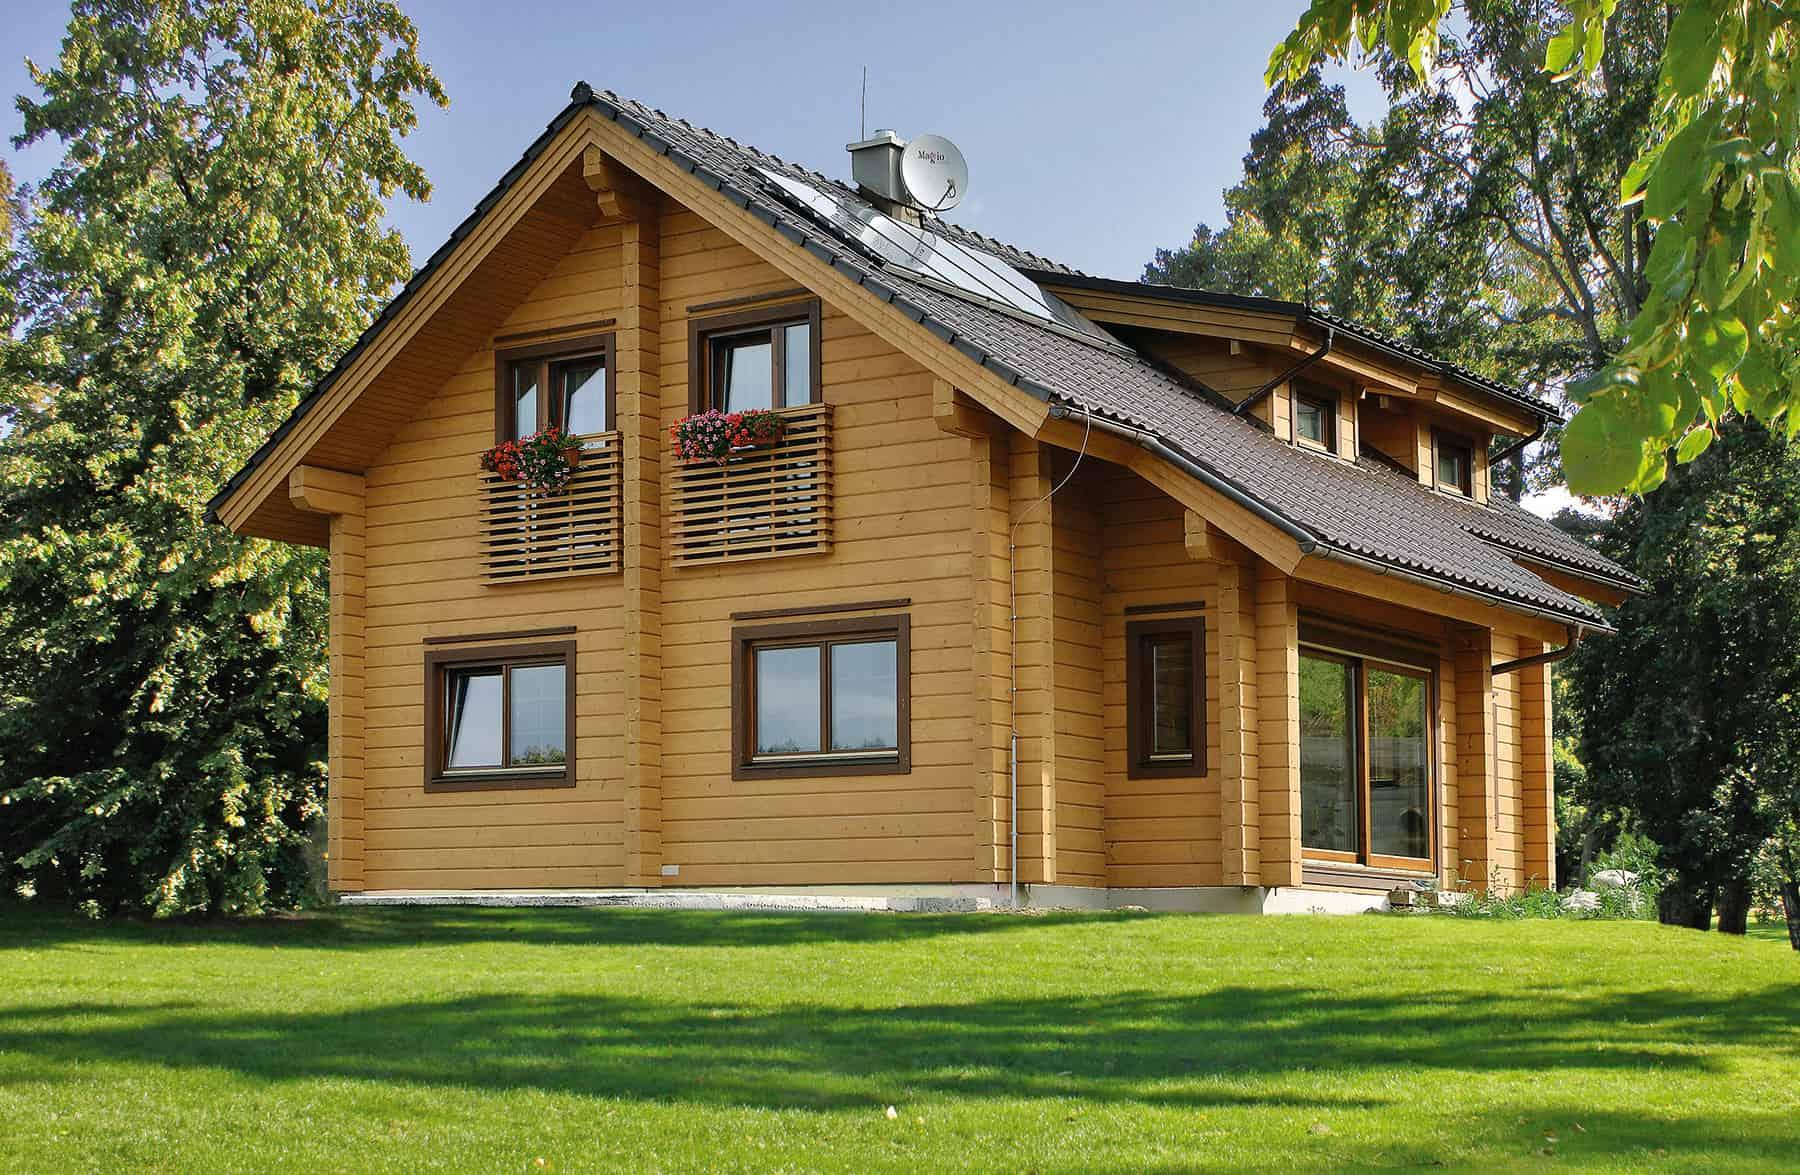 La maison en bois massif pour un cadre de vie sain